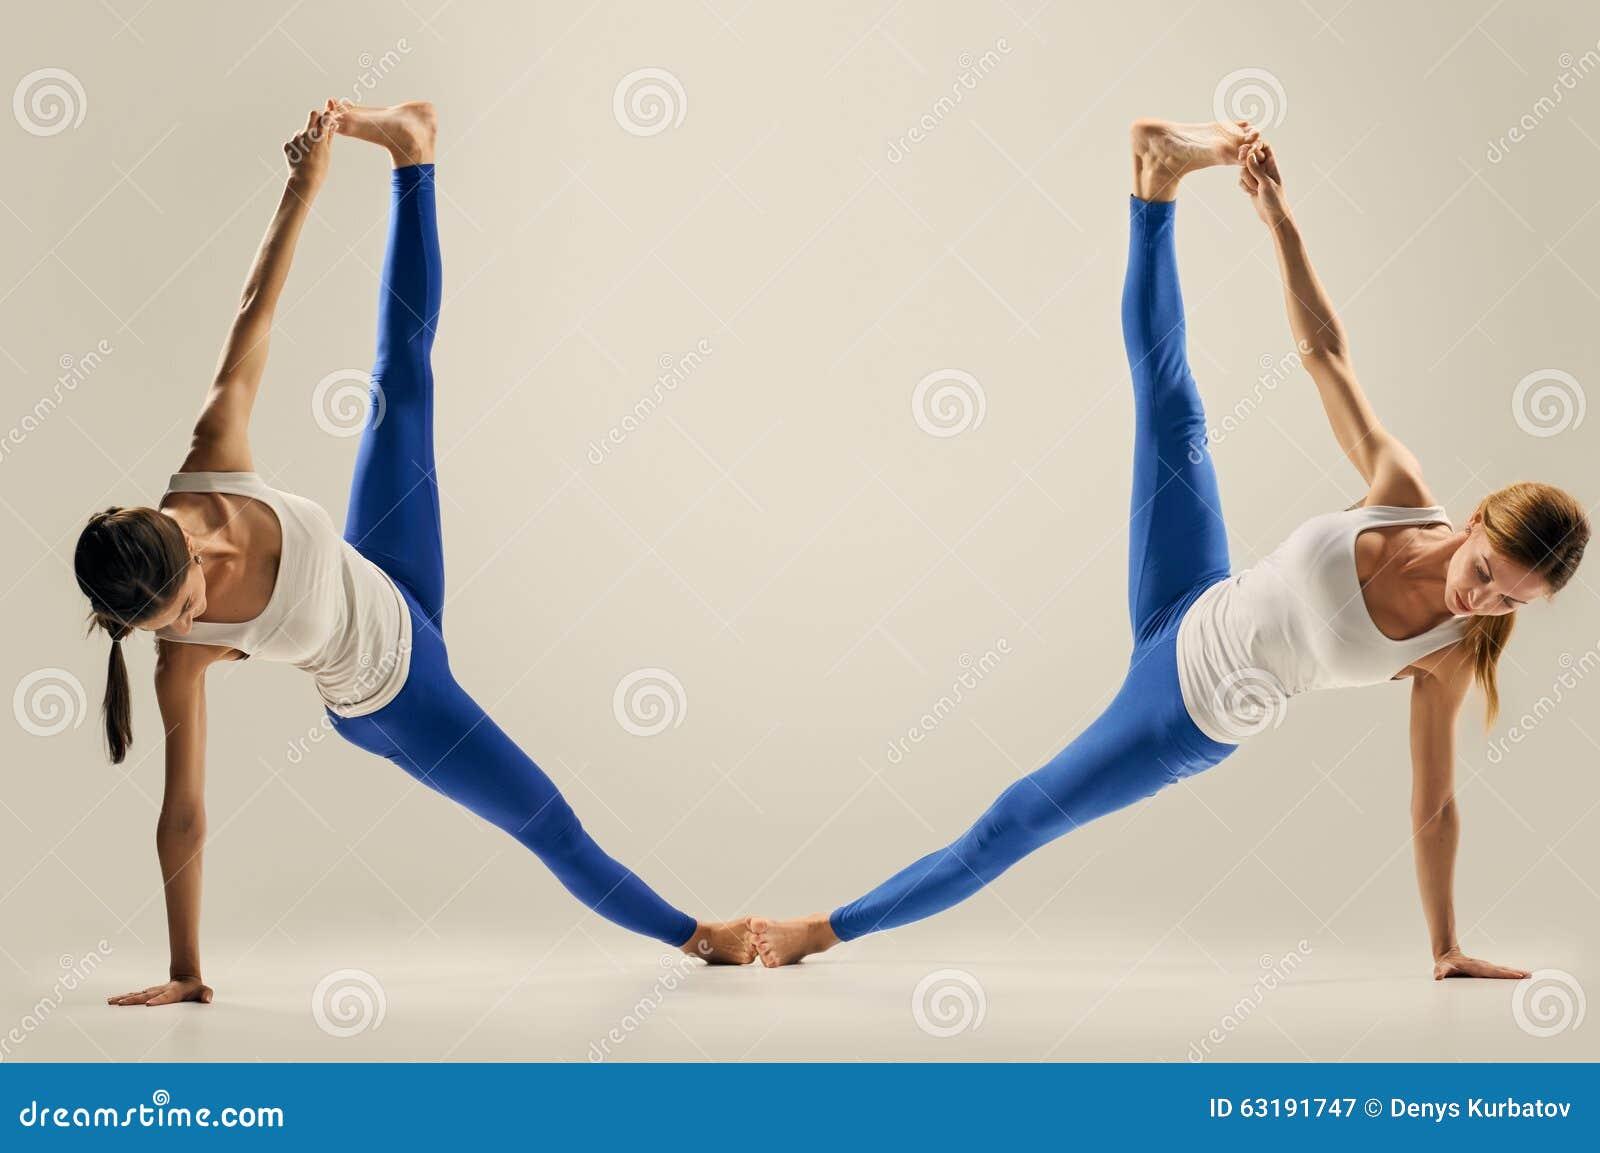 Turbo Yoga Dans Les Paires Figure Les Fentes Photo stock - Image: 63191747 NU86